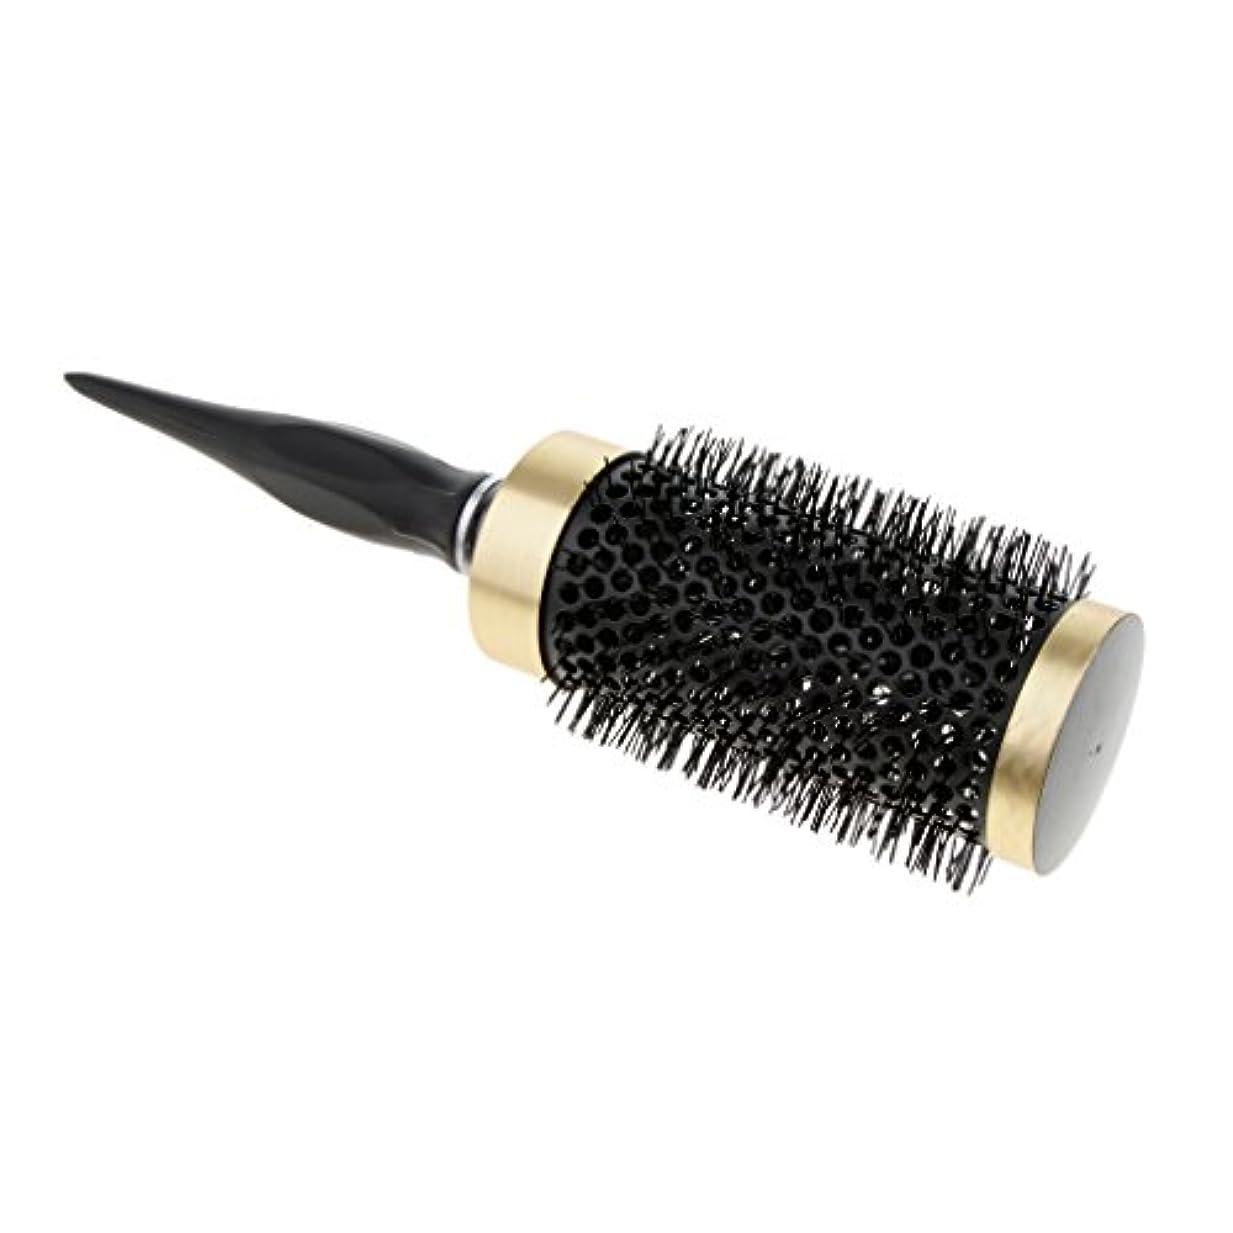 カップルパンチカヌーロールブラシ ヘアブラシ ナイロンブラシ 静電気防止 カーリング 巻き髪ヘア 全5サイズ - 52mm